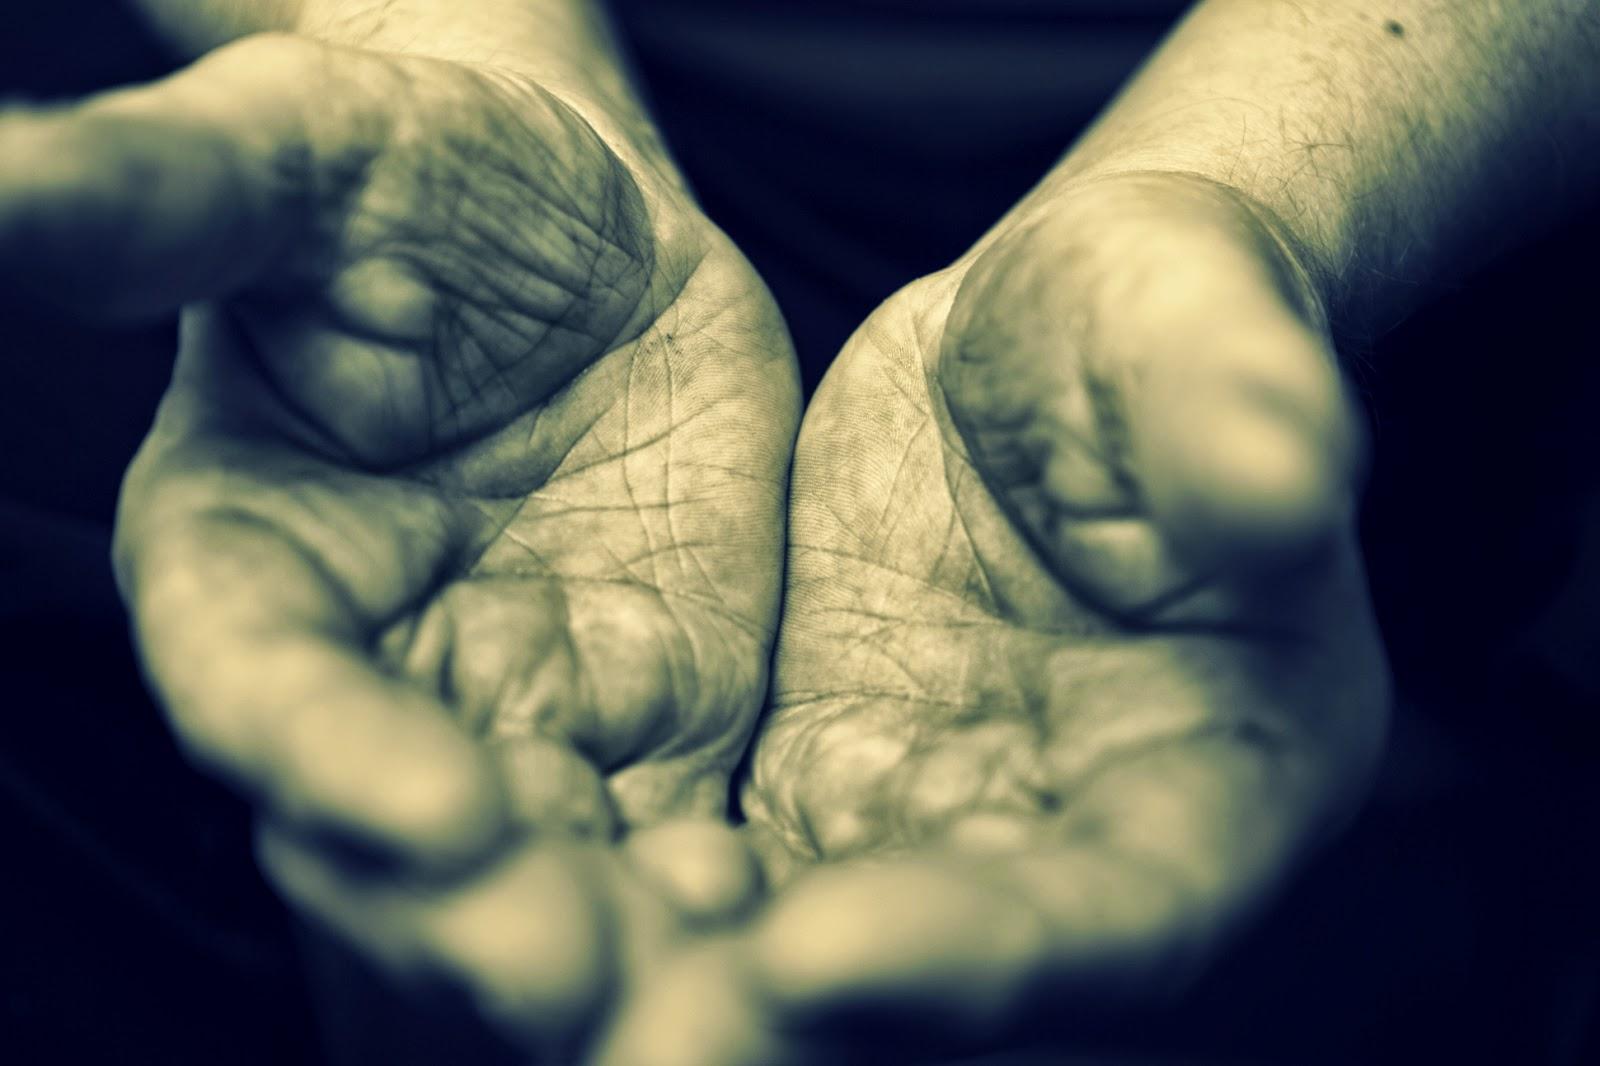 Az éneklő hajléktalan, hajléktalan, kultúra, költemény, magyarság, Mészely József, vers,